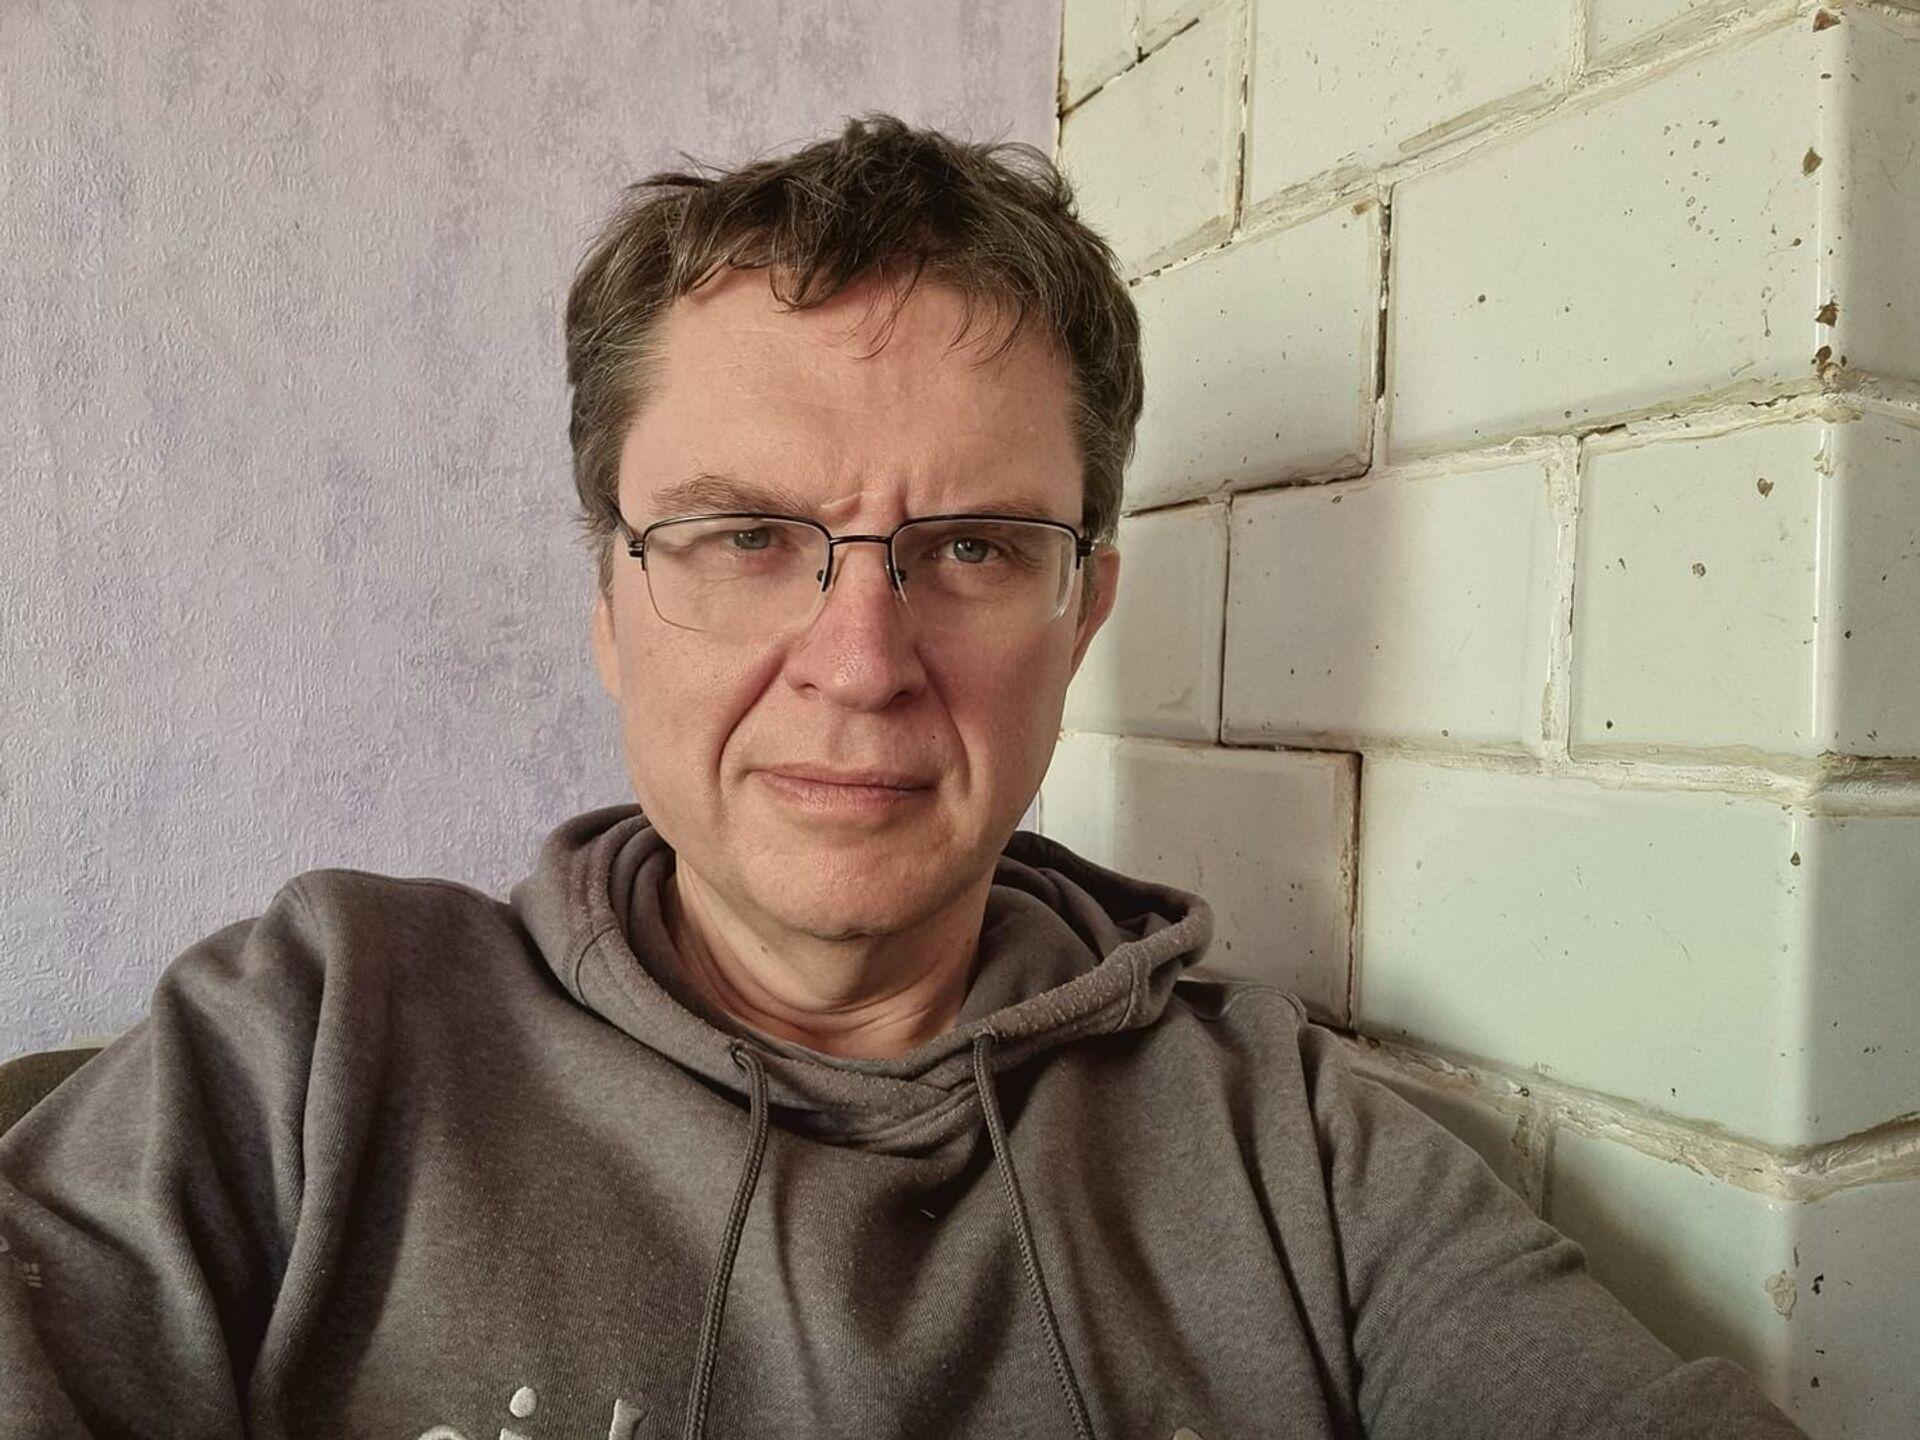 Polski dziennikarz na Białorusi Andrzej Poczobut zatrzymany - Sputnik Polska, 1920, 25.03.2021